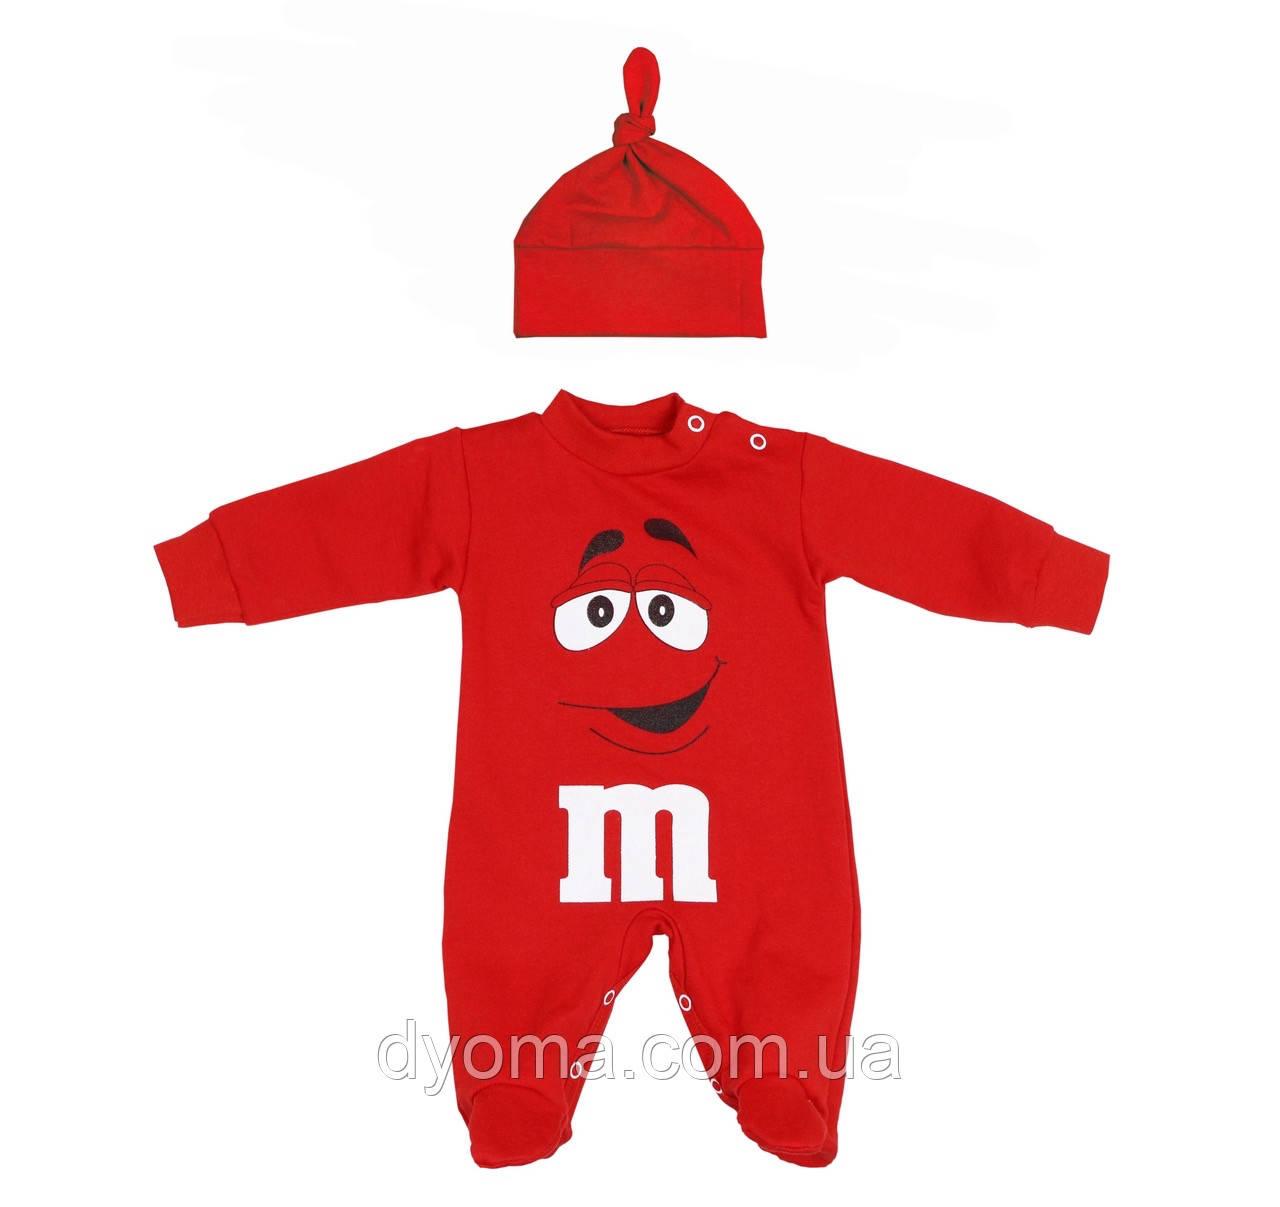 """Детский человечек с шапочкой """"M&M's""""  для новорожденных (кулир)"""